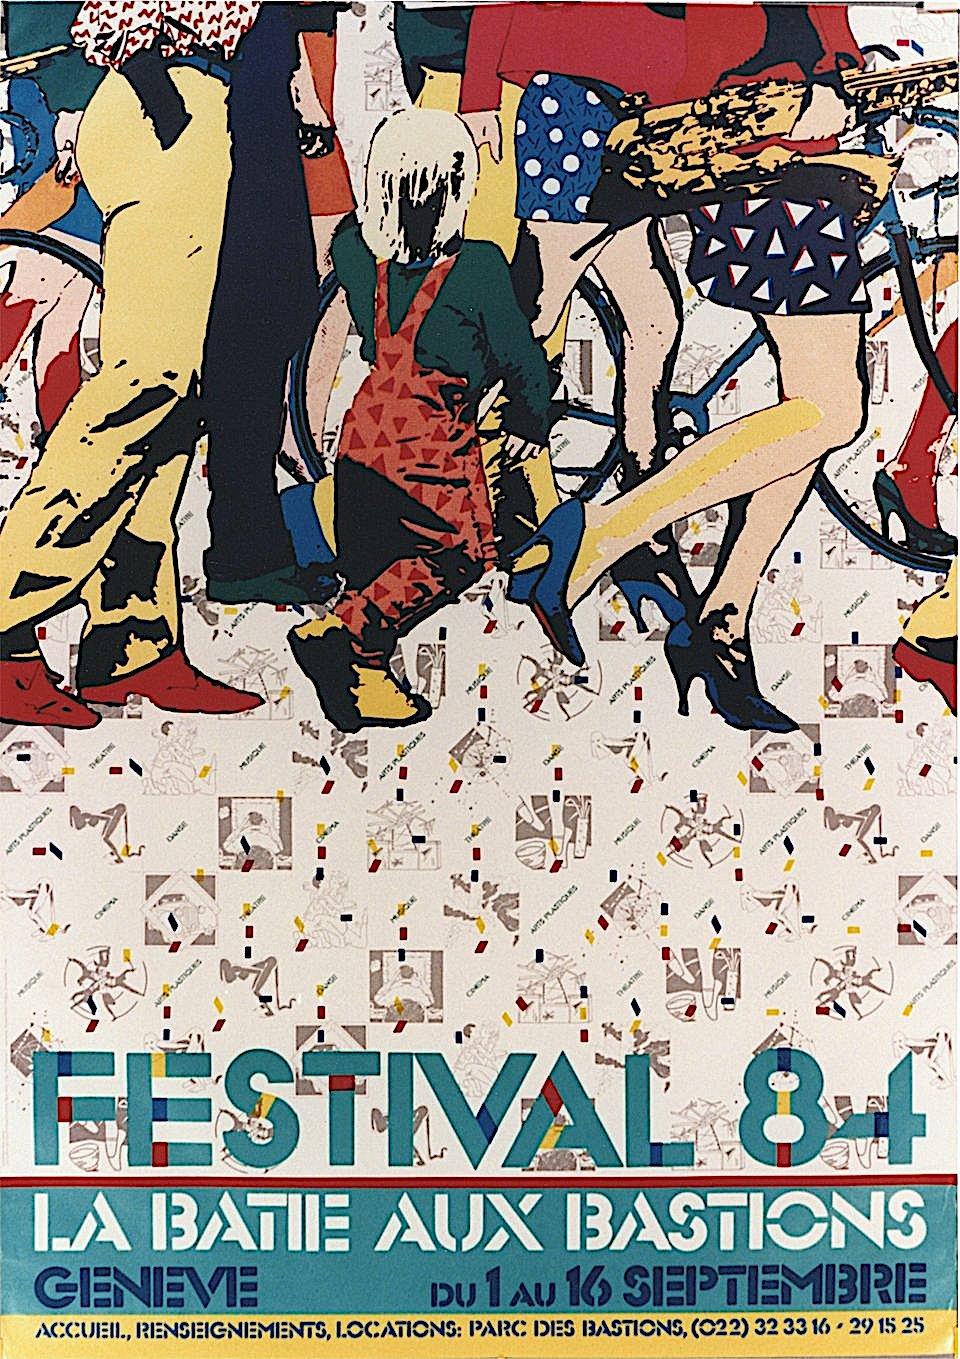 1984 Festival 84 La Batie Aux Bastions, a poster